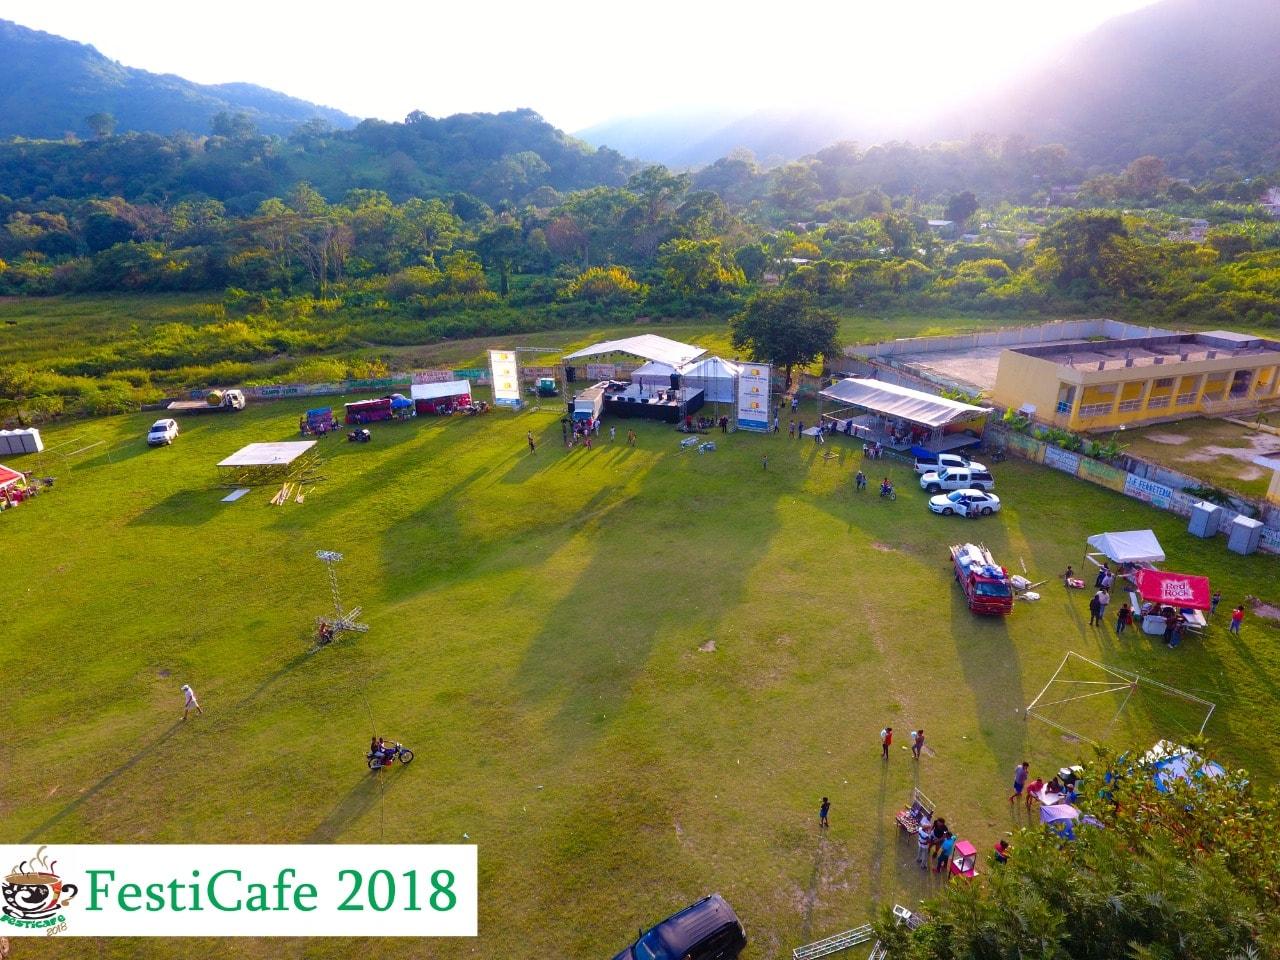 La XIV versión del Festival del Café Vuelve a Encontrarse con sus Raíces